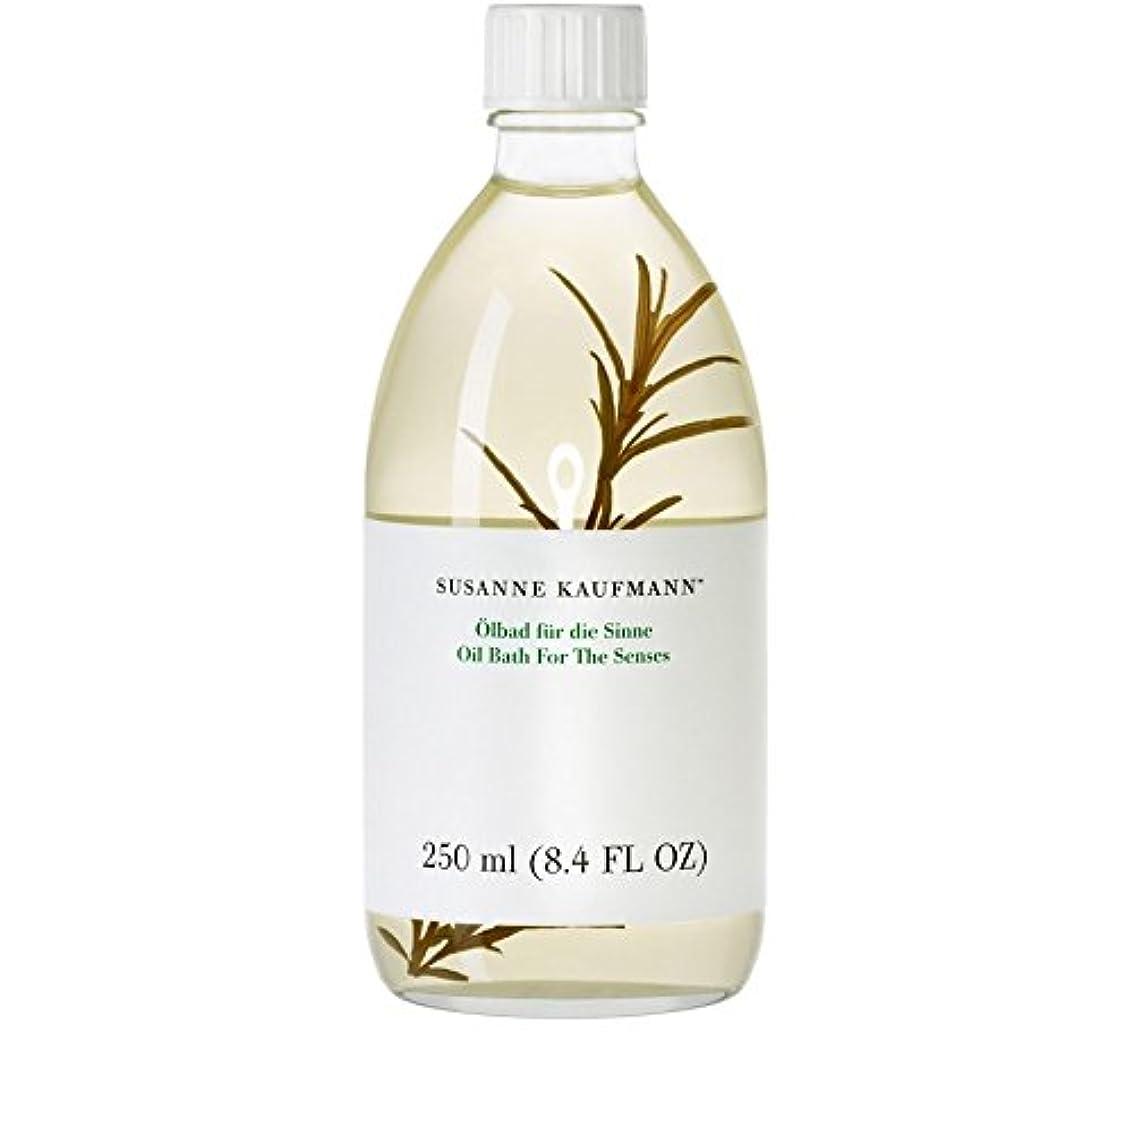 胚芽きらめく私達Susanne Kaufmann Oil Bath for the Senses 250ml - 250ミリリットルの感覚のためのスザンヌカウフマンオイルバス [並行輸入品]